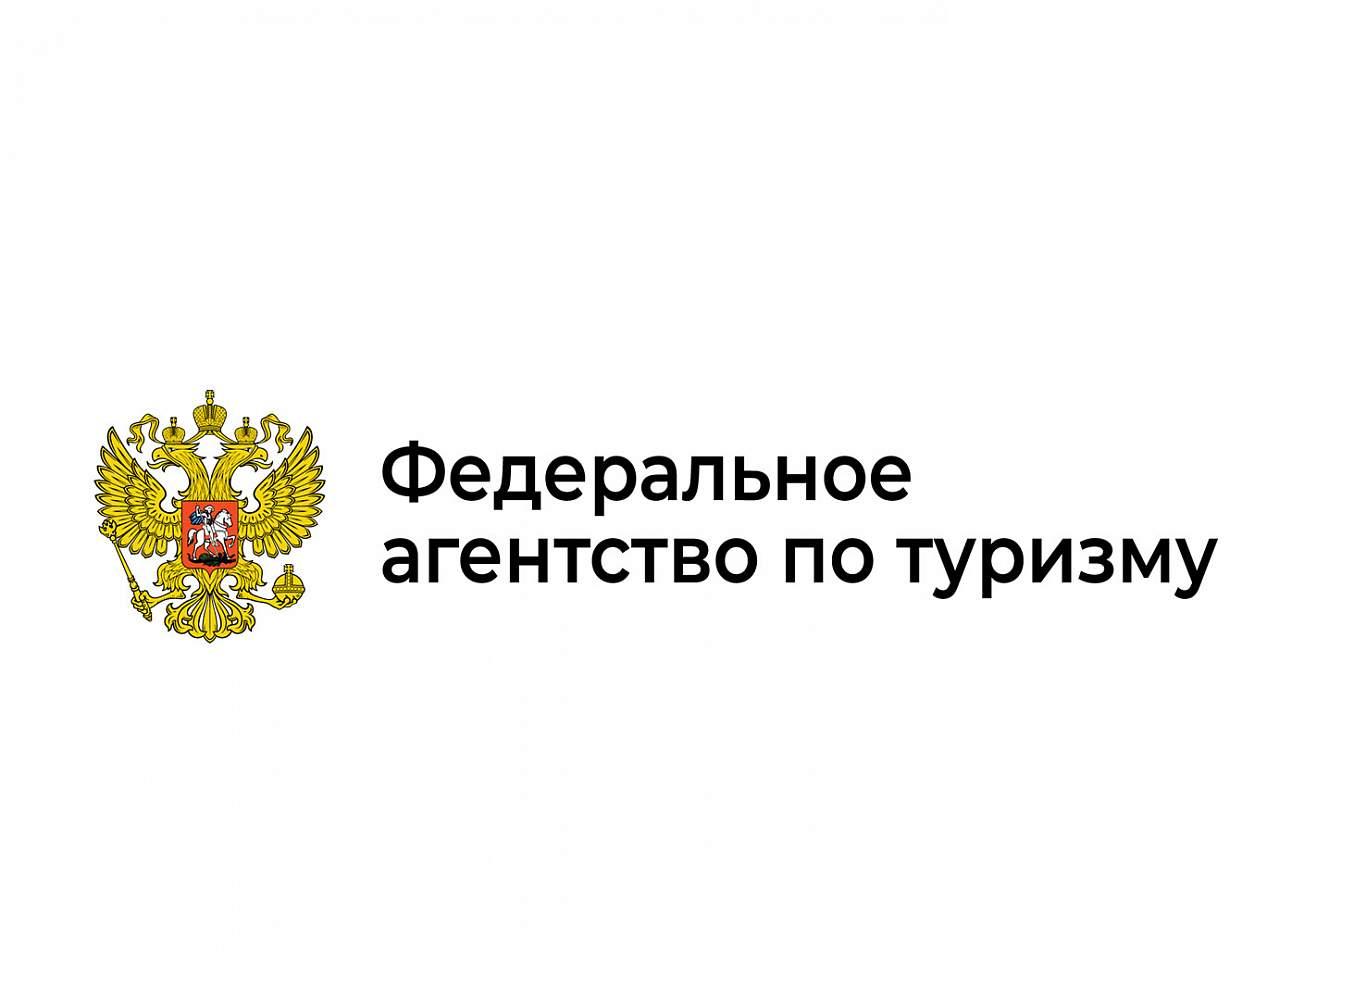 Когда в мае 2021 откроются чартеры в Египет россиянам туристам - последние главные новости